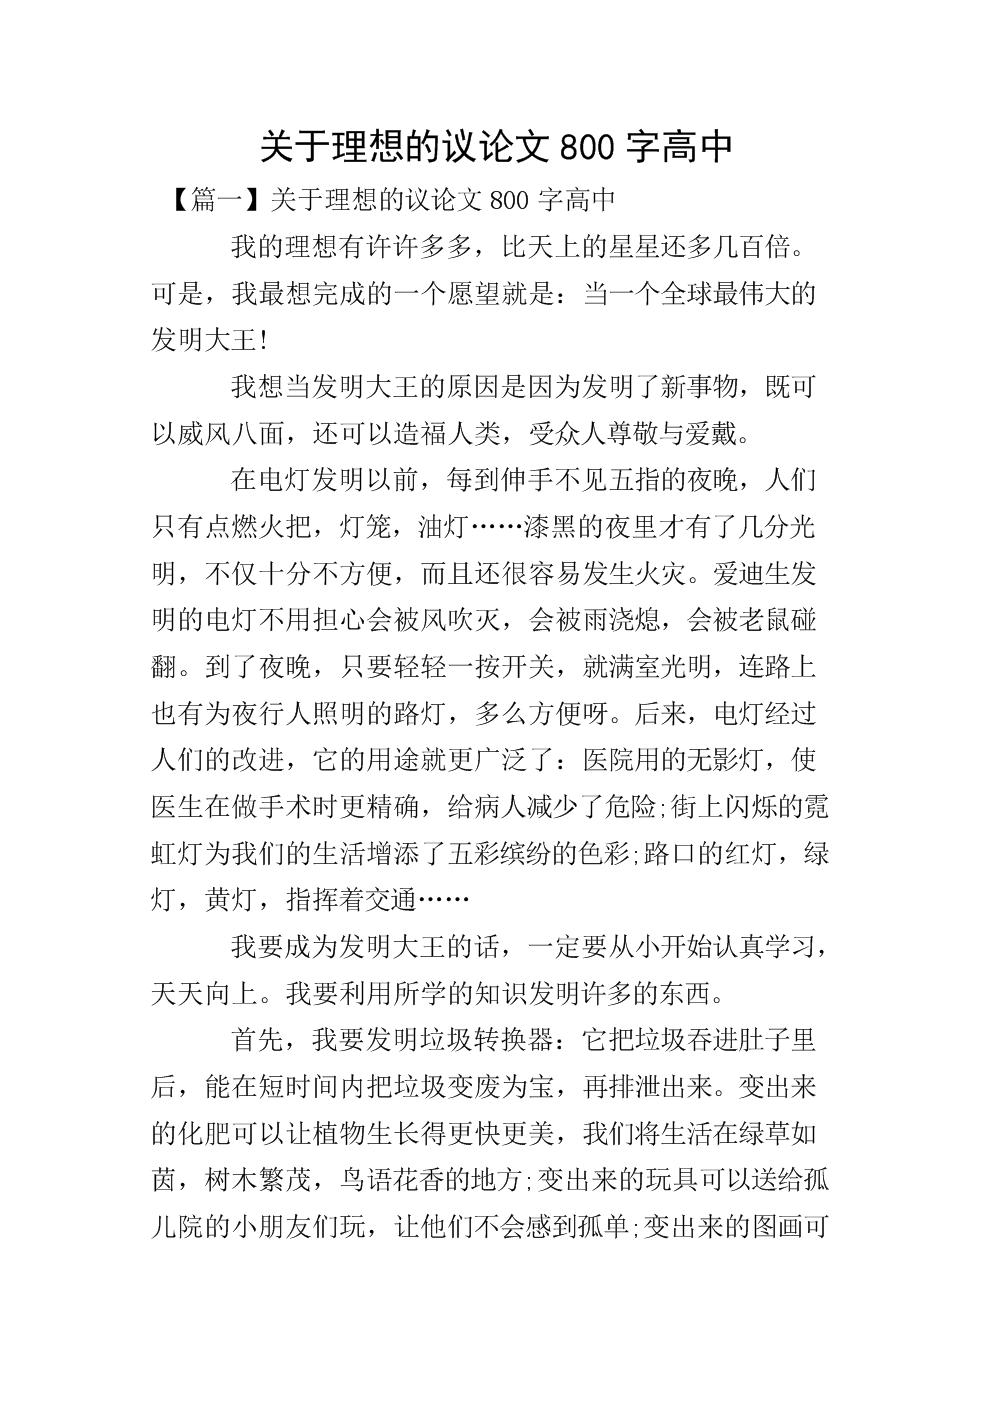 关于理想的议论文800字高中.doc